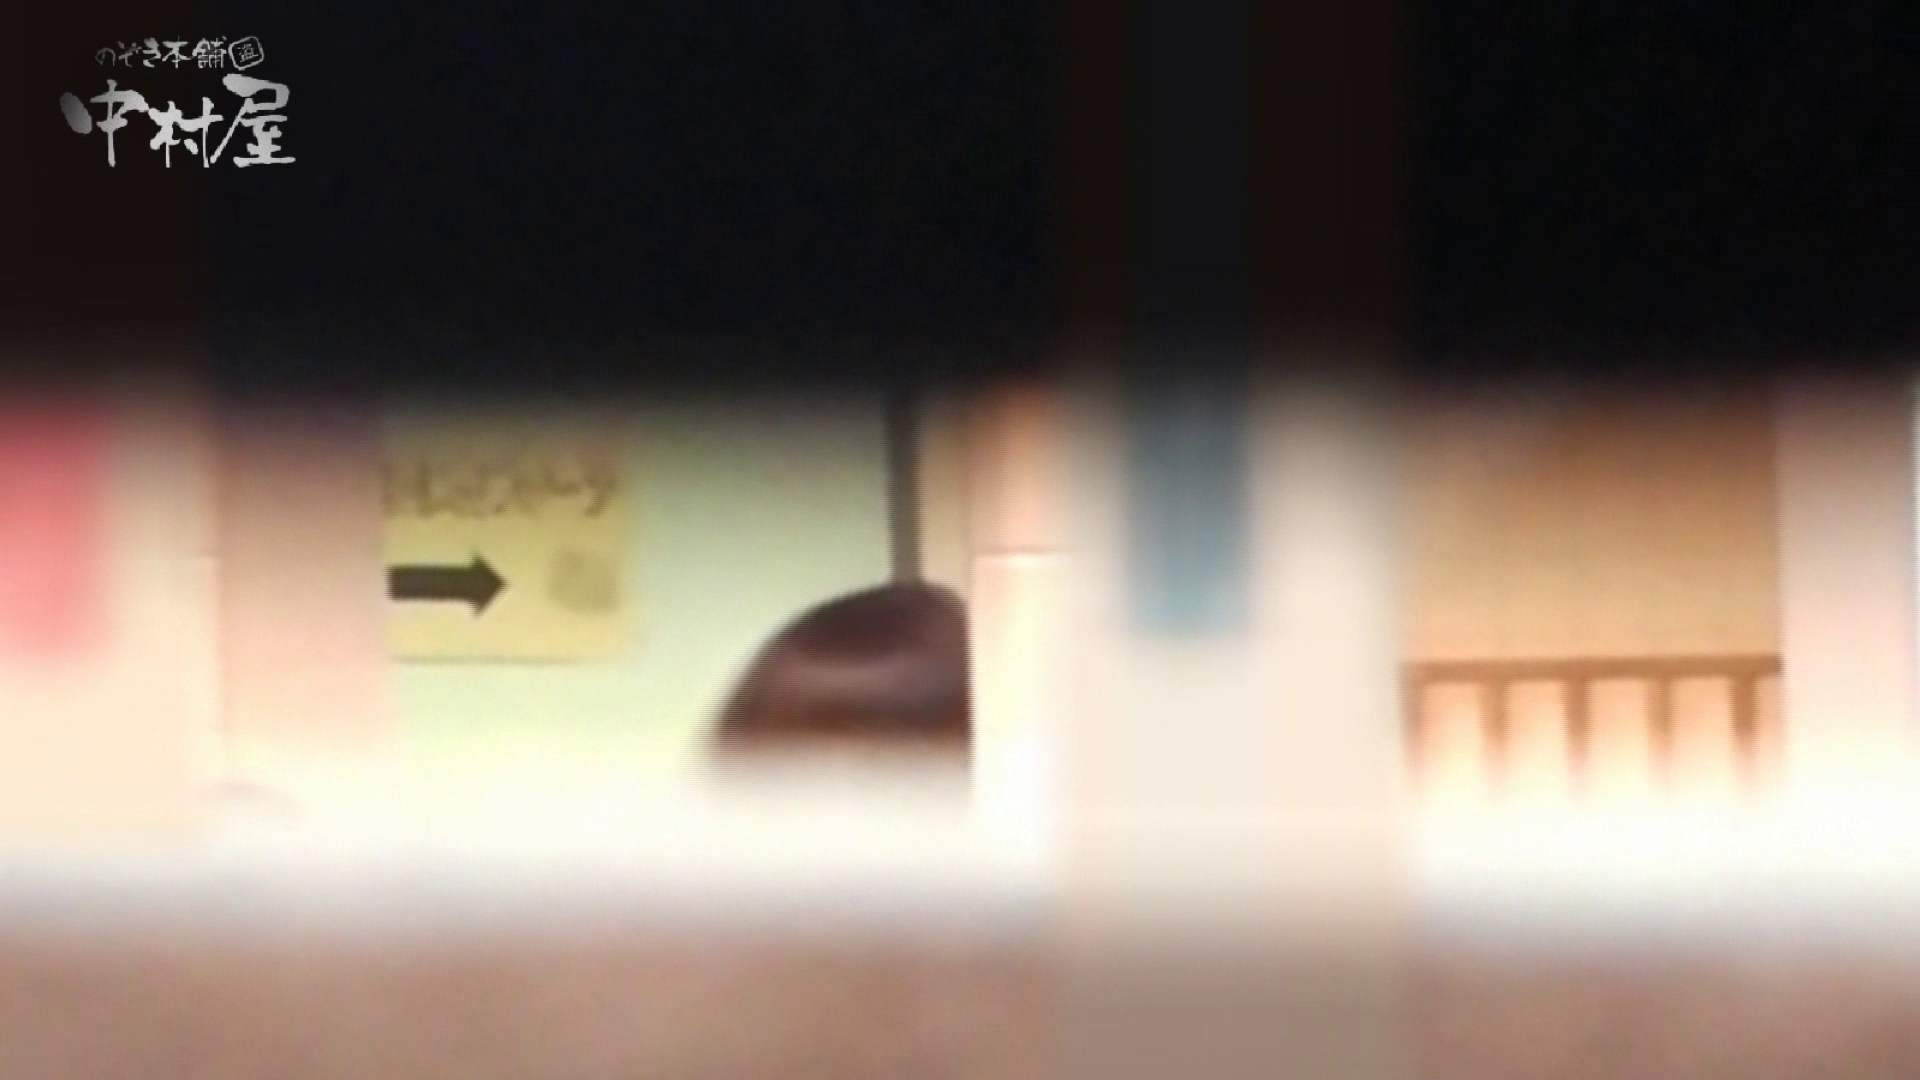 ▲期間限定D▲第三体育館潜入撮File032 進化4!機種変更!!全員現役。後編 無修正マンコ  89連発 60